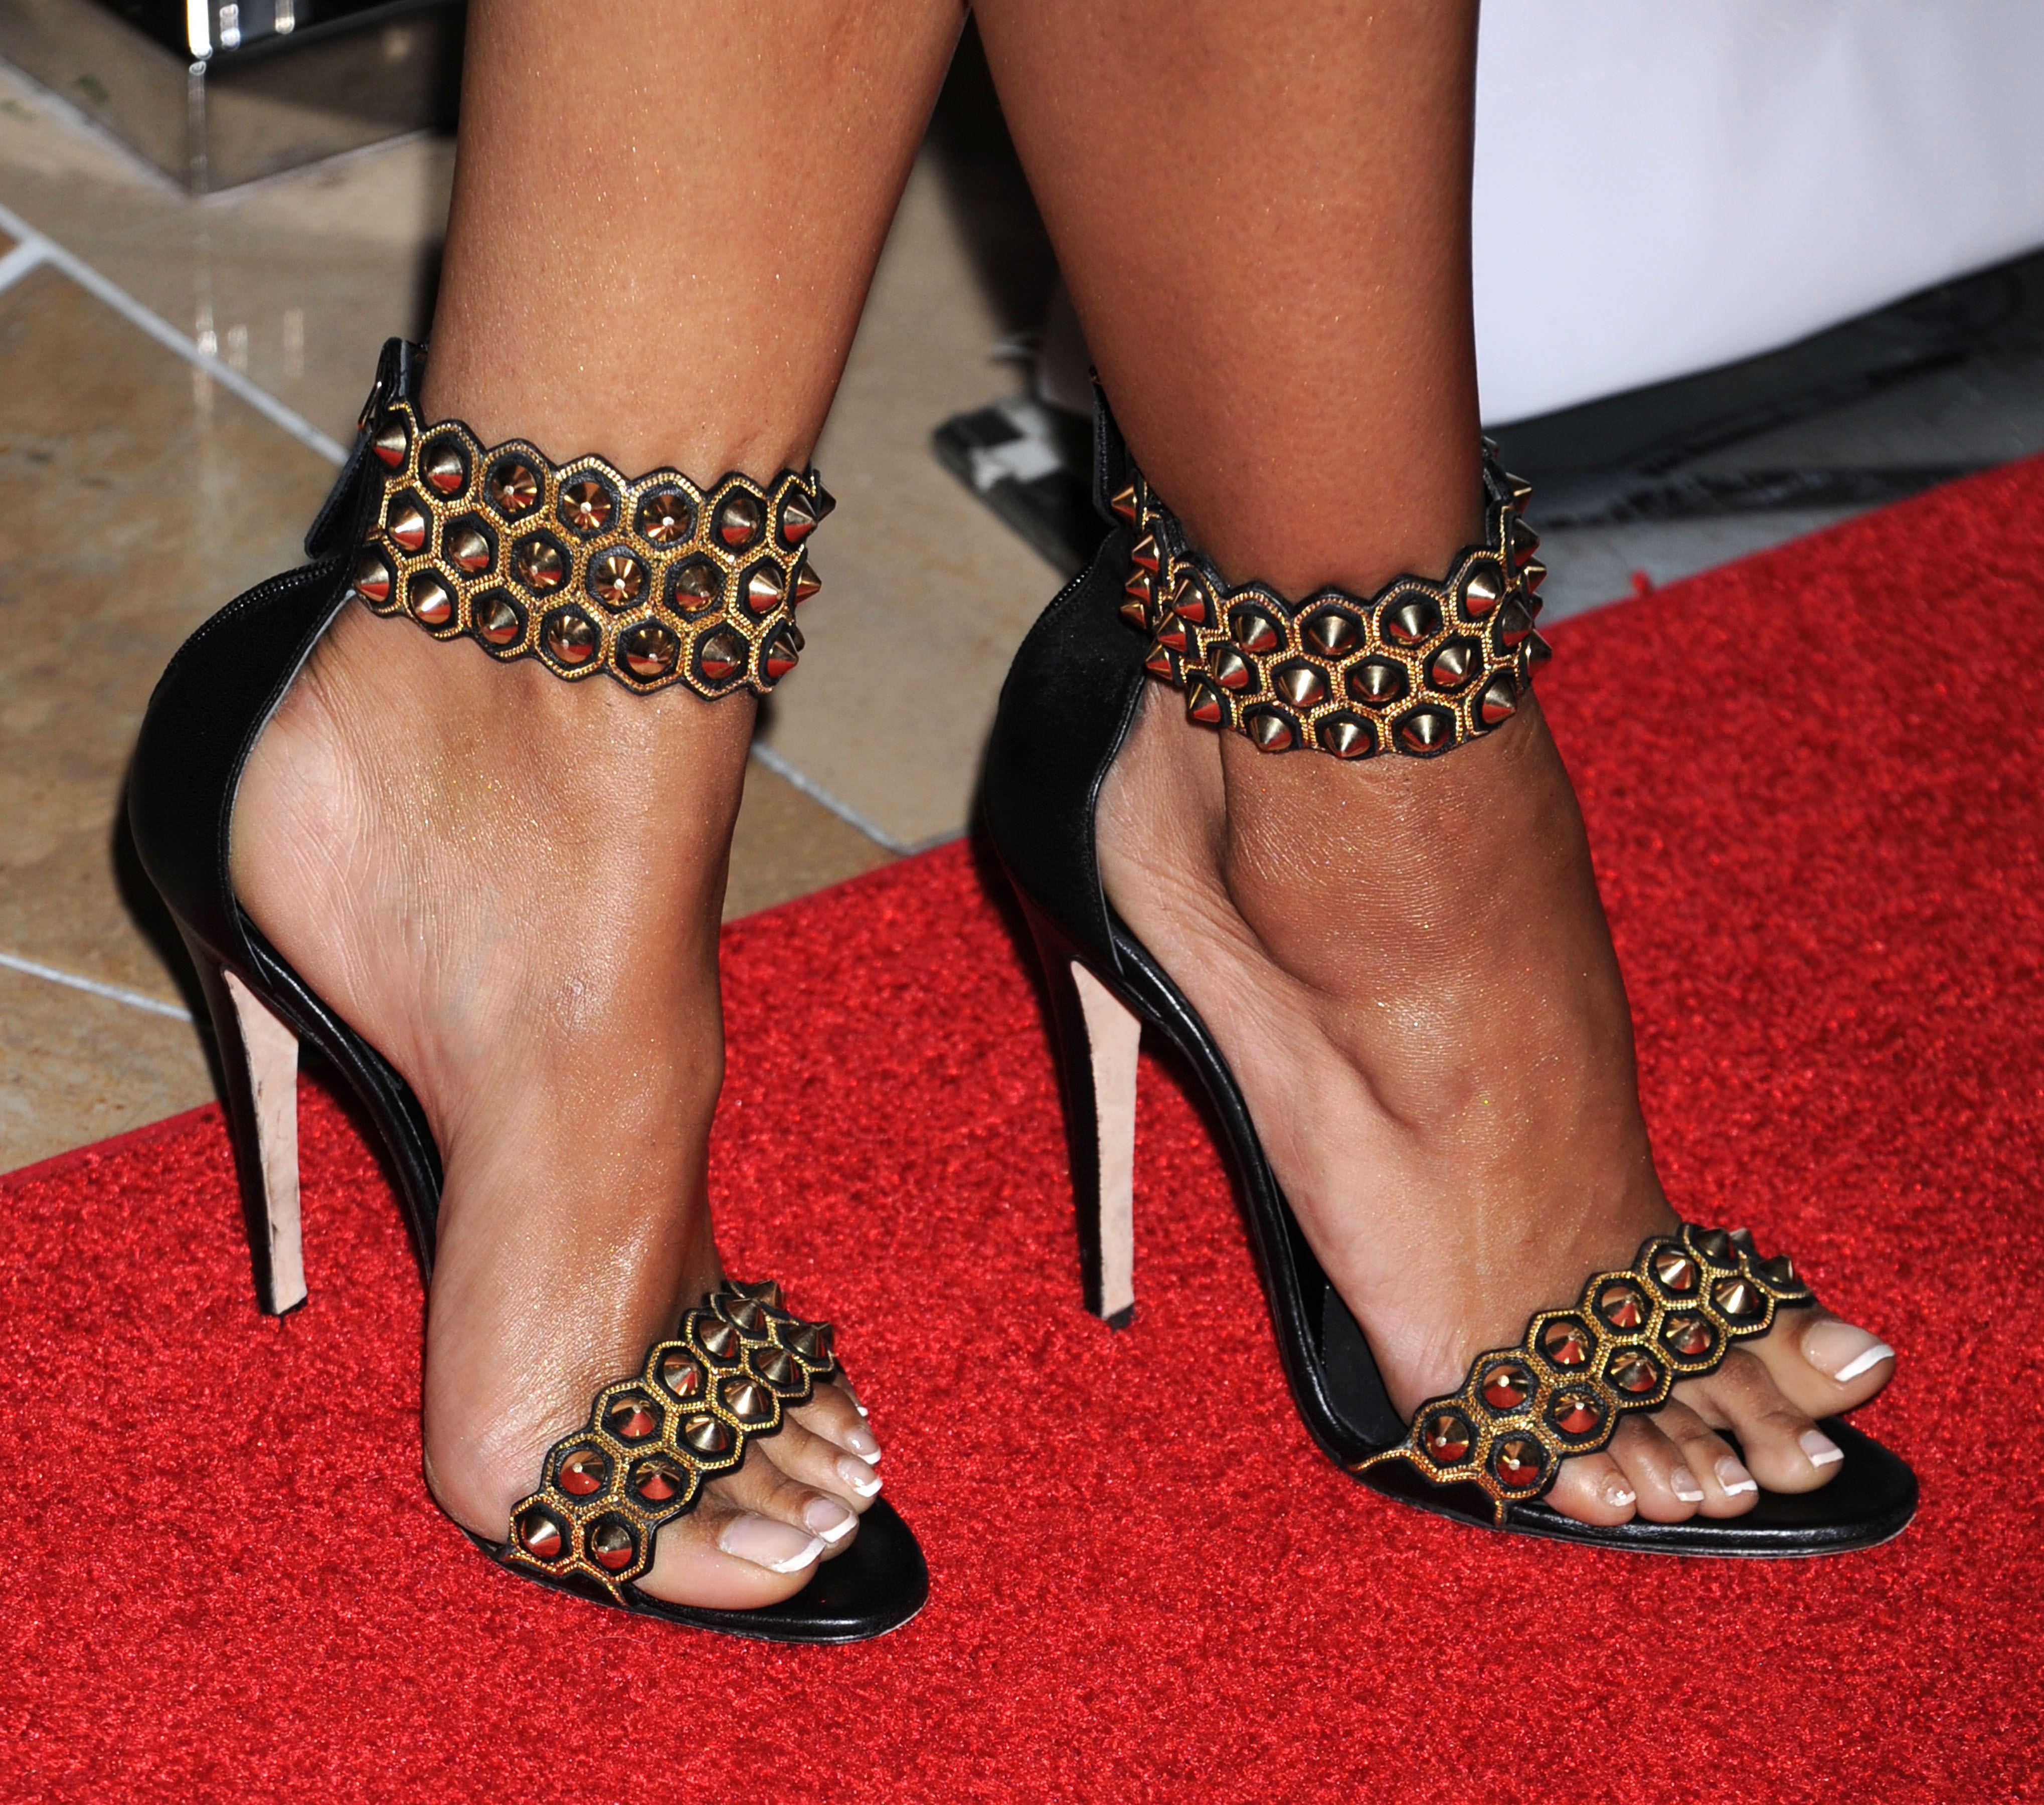 Katerina Grahams Feet-4805